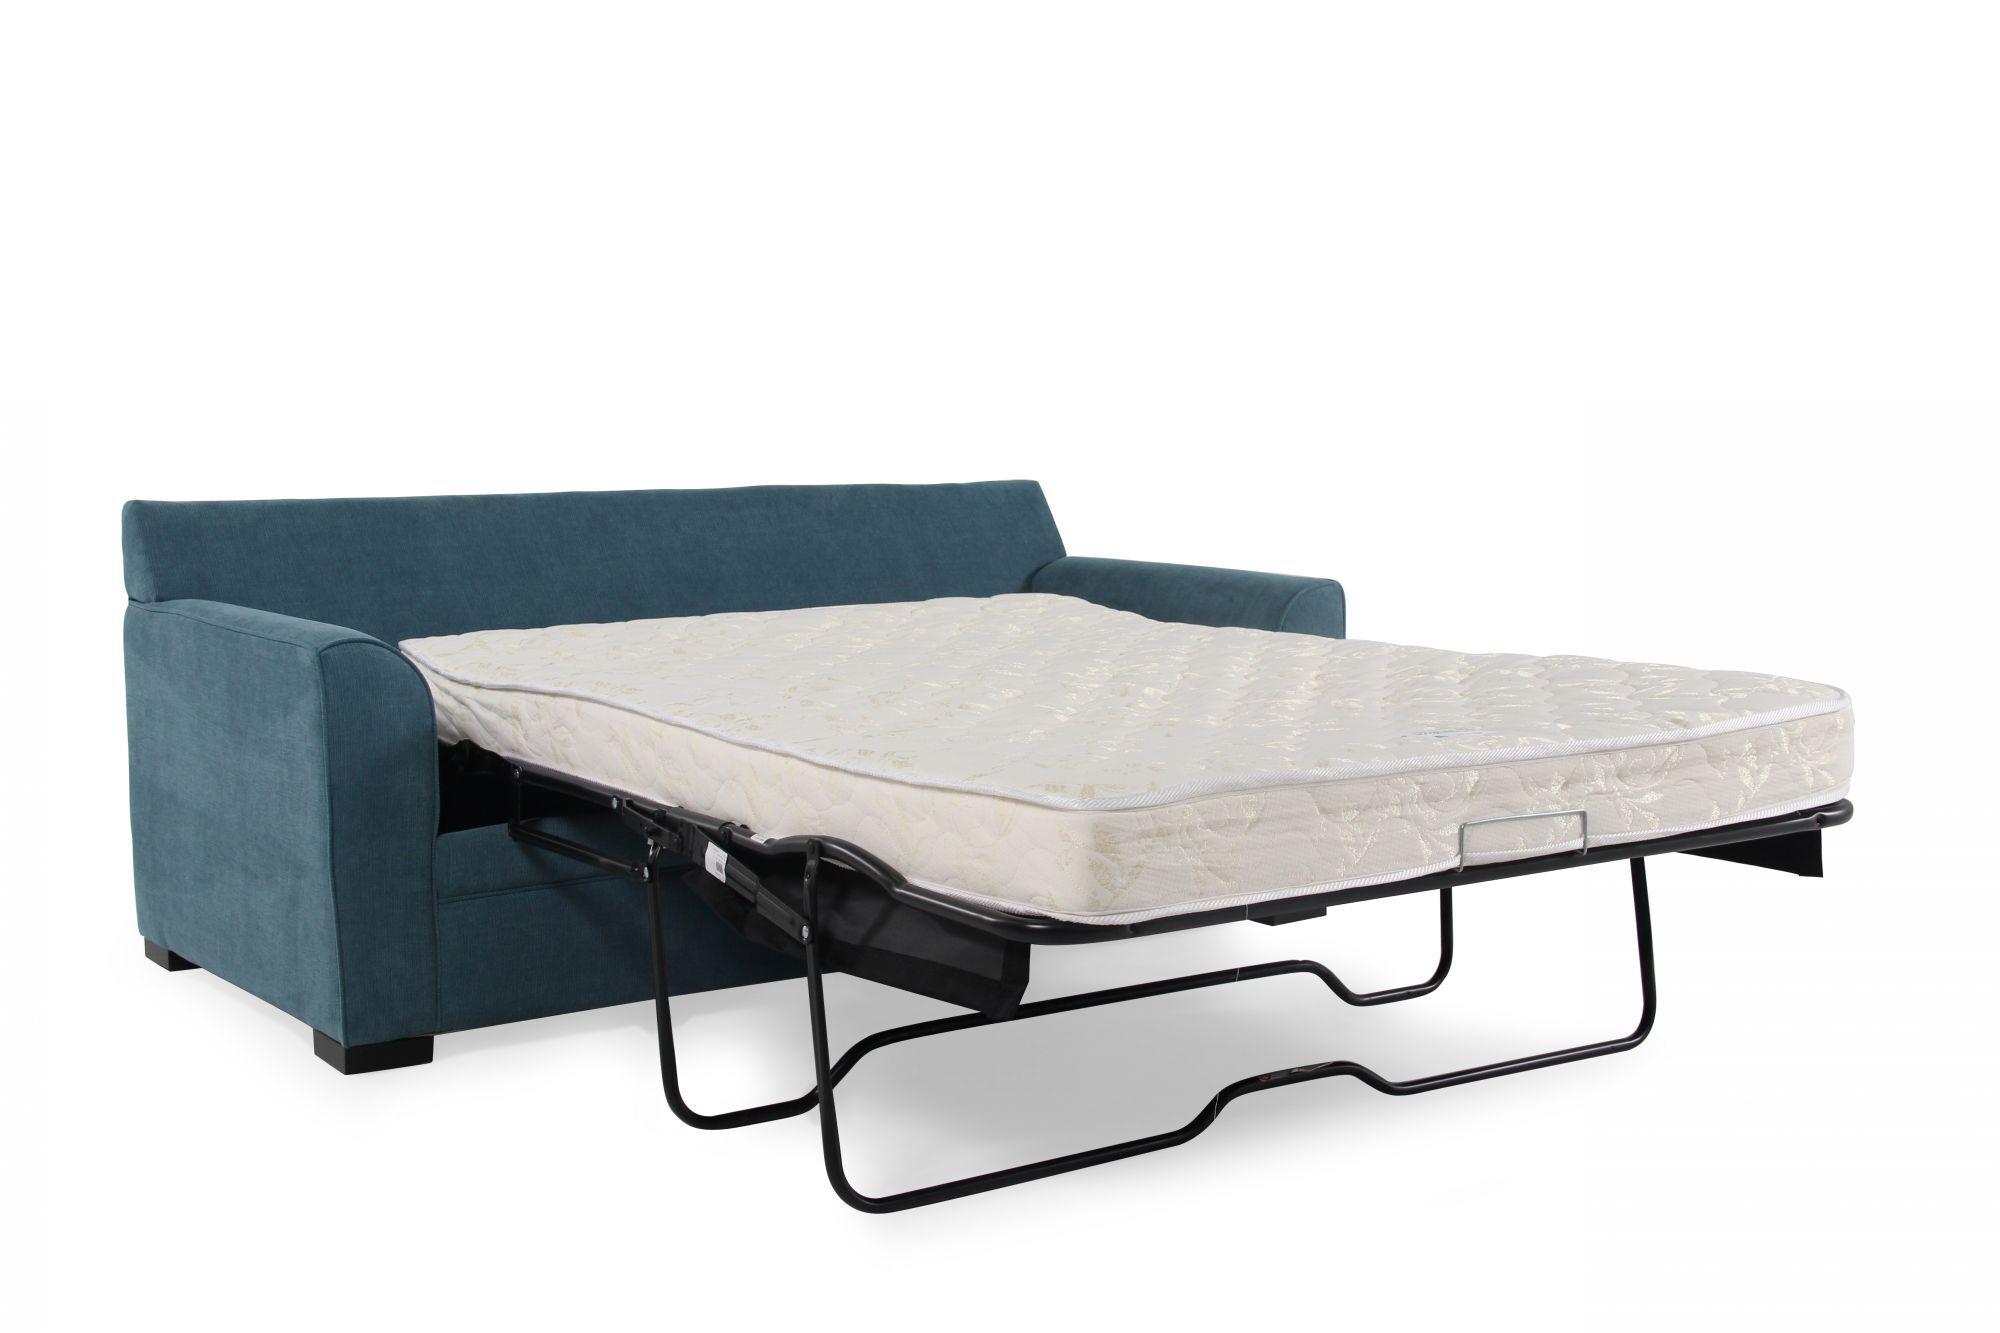 sh memory foam sleeper sofa mattress billig sofaer til salg jonathan louis blissful blue full